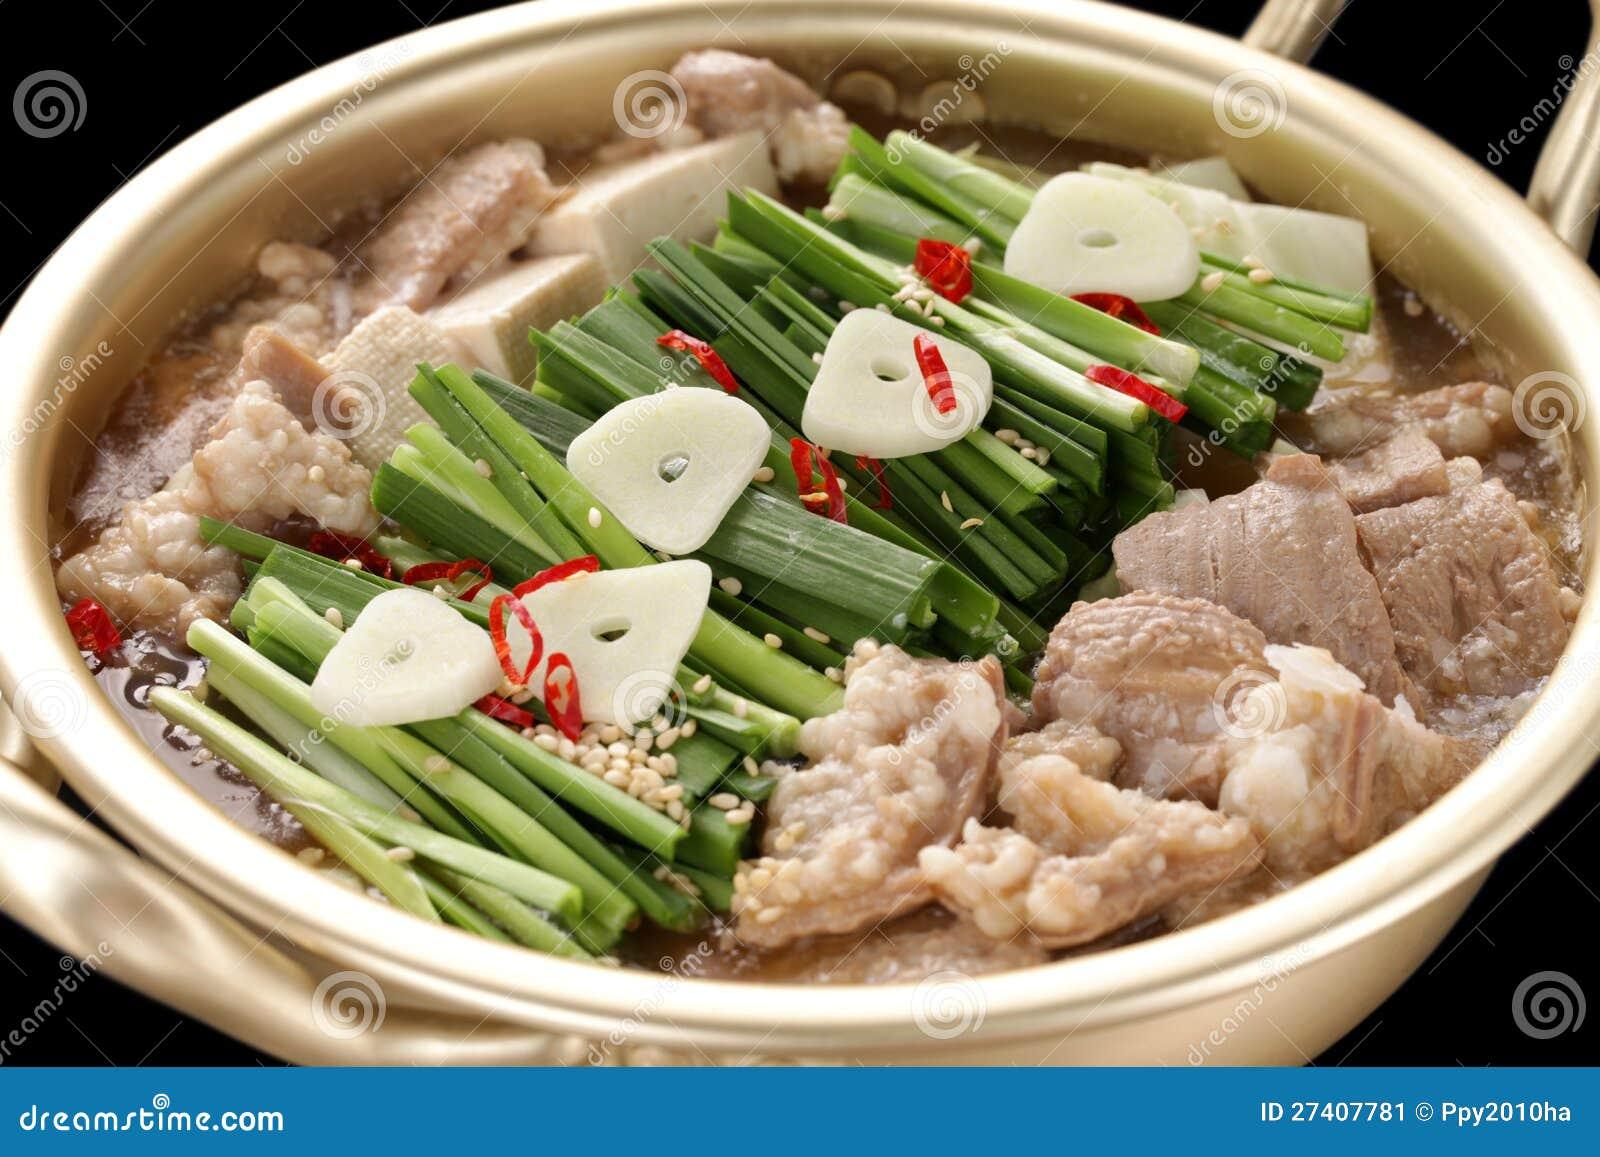 Motsunabe japanese cuisine stock image image 27407781 for Image cuisine